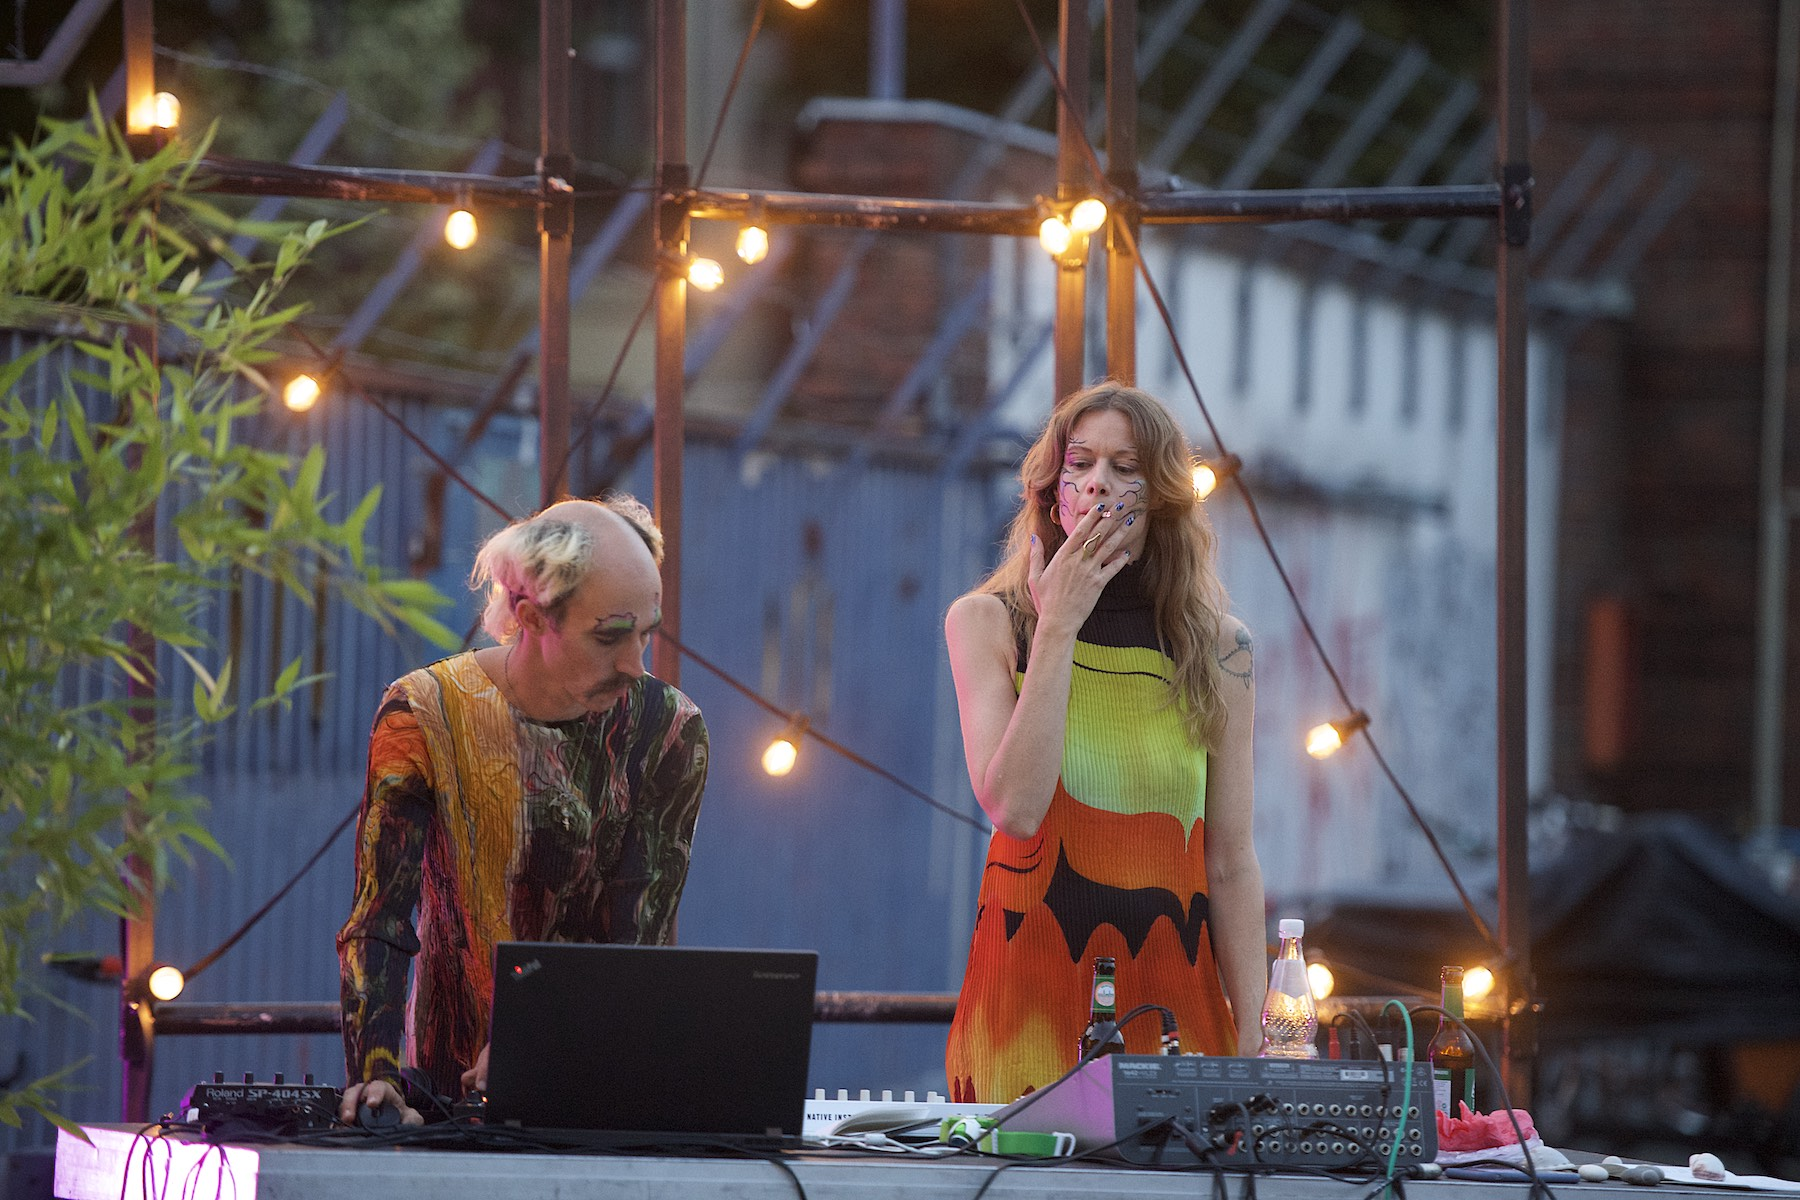 DJs am Mischpult